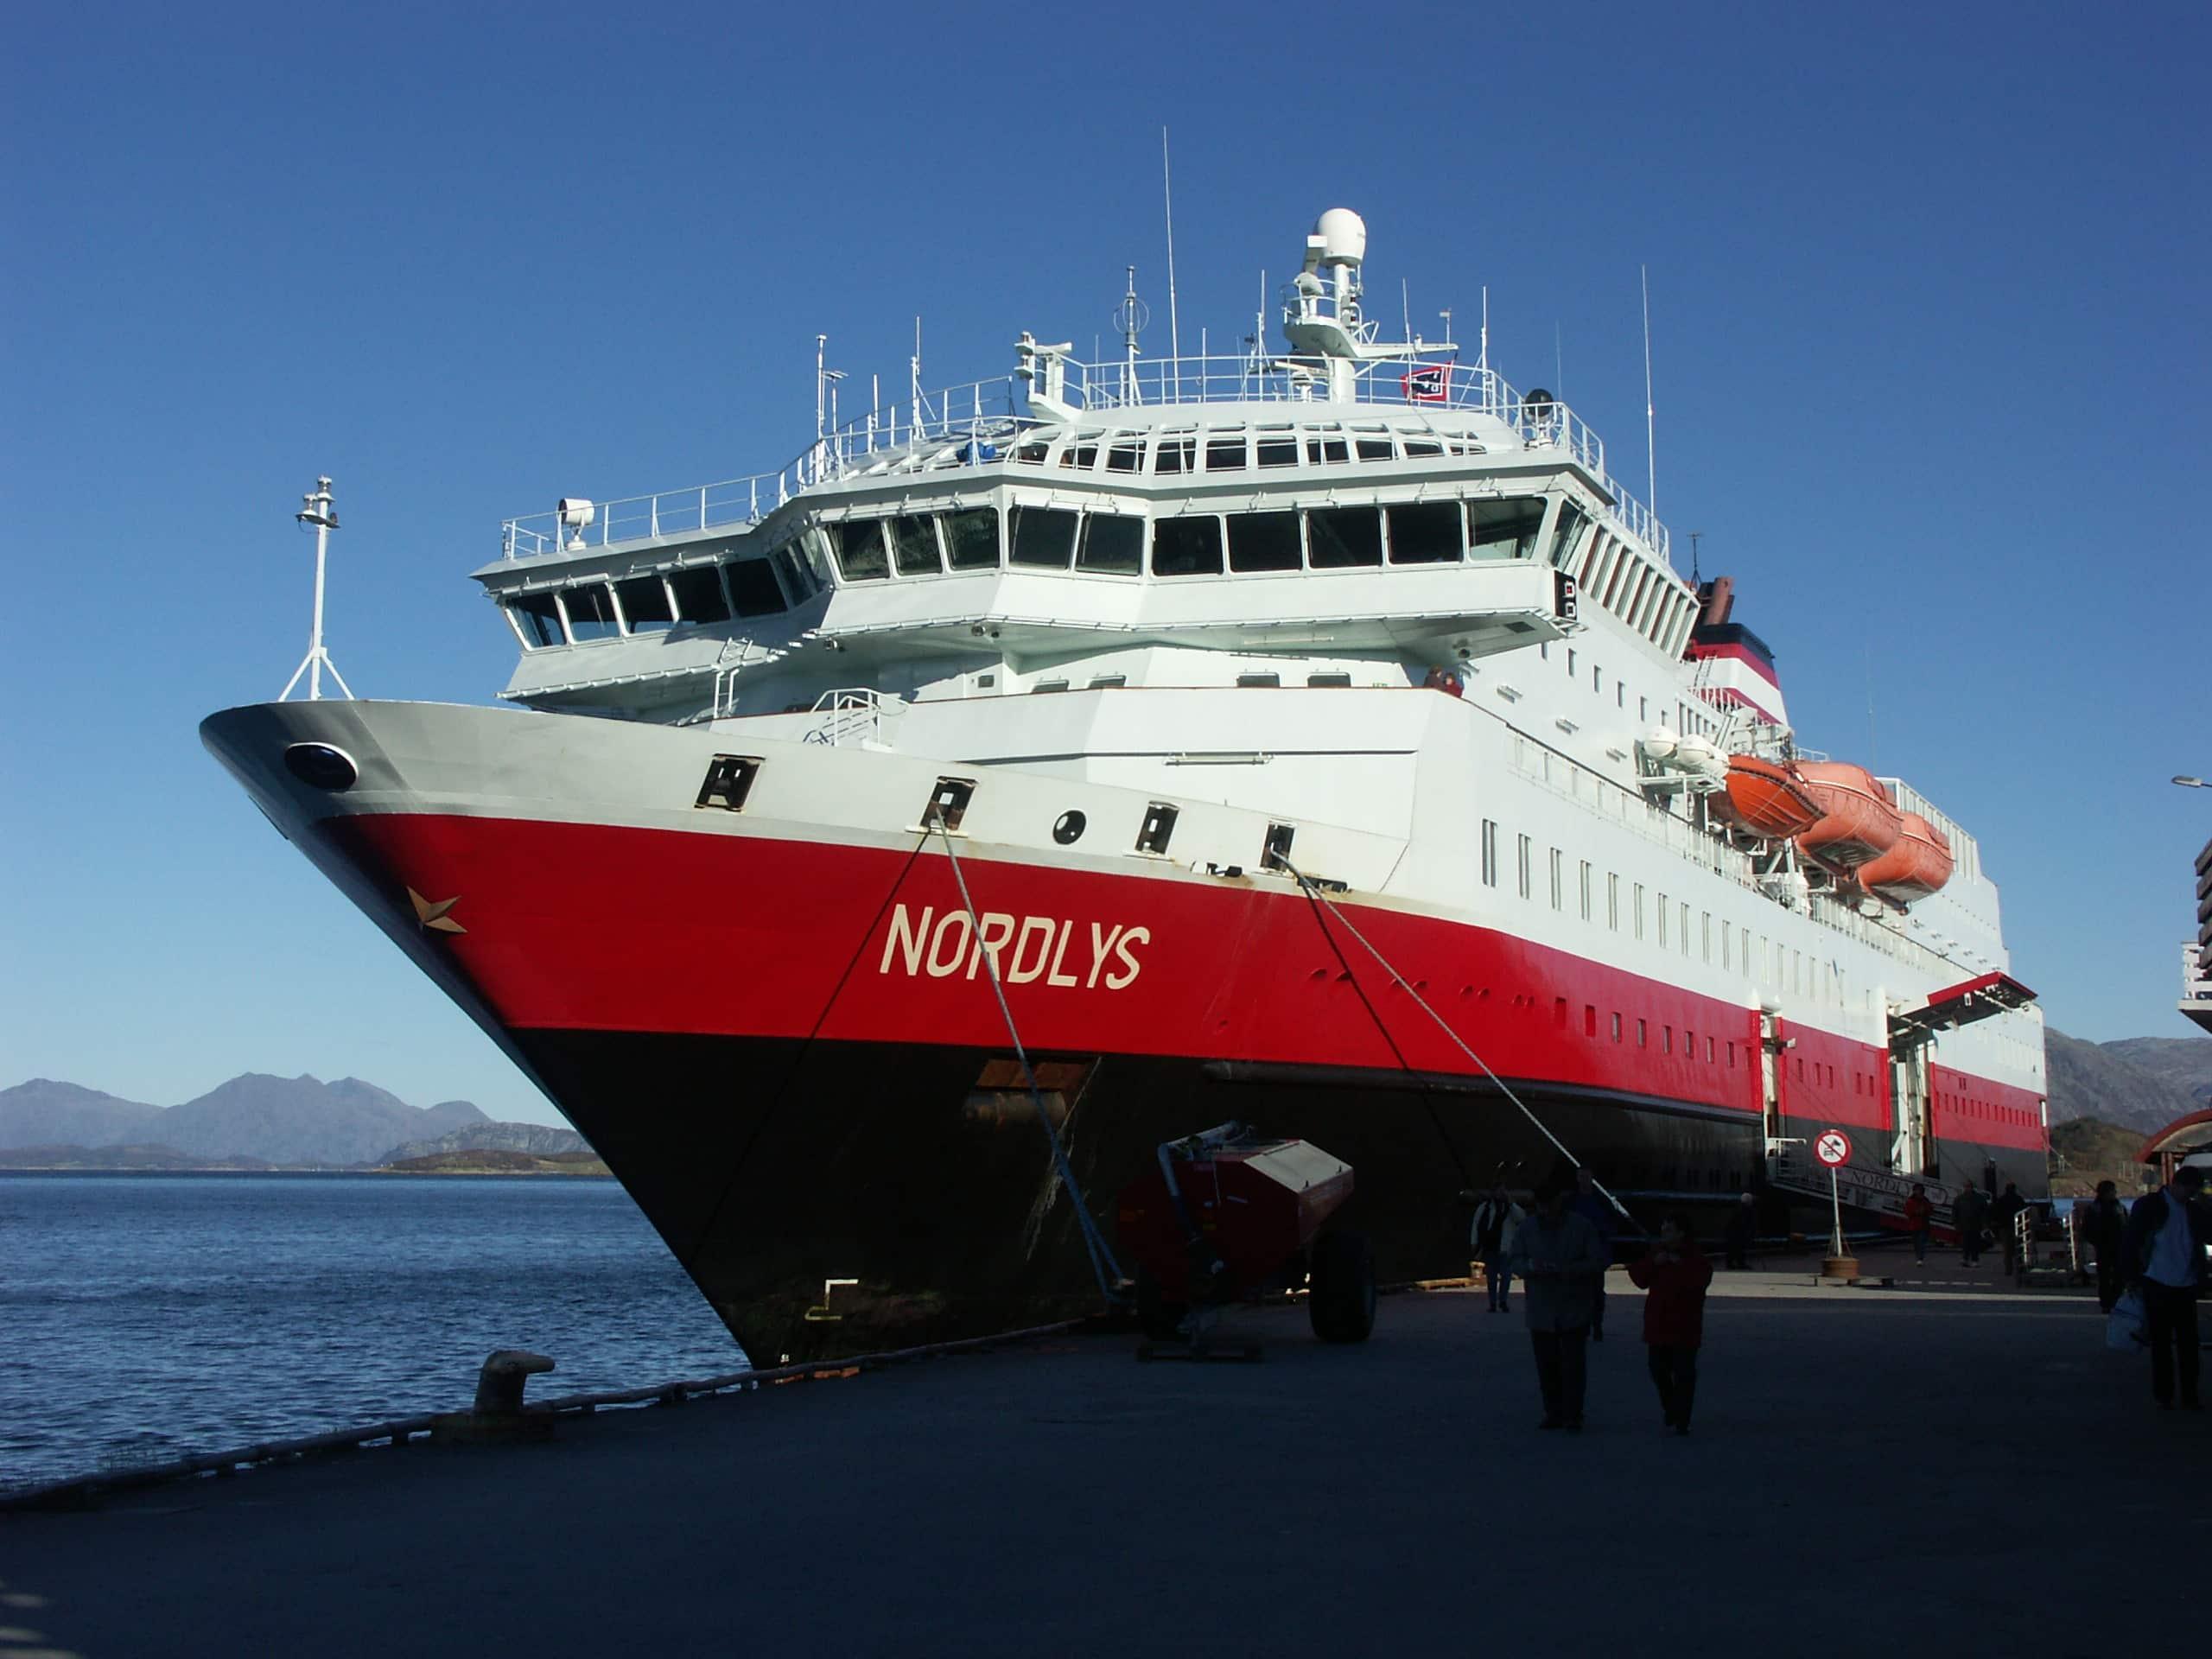 hurtigrutenschiff nordlys